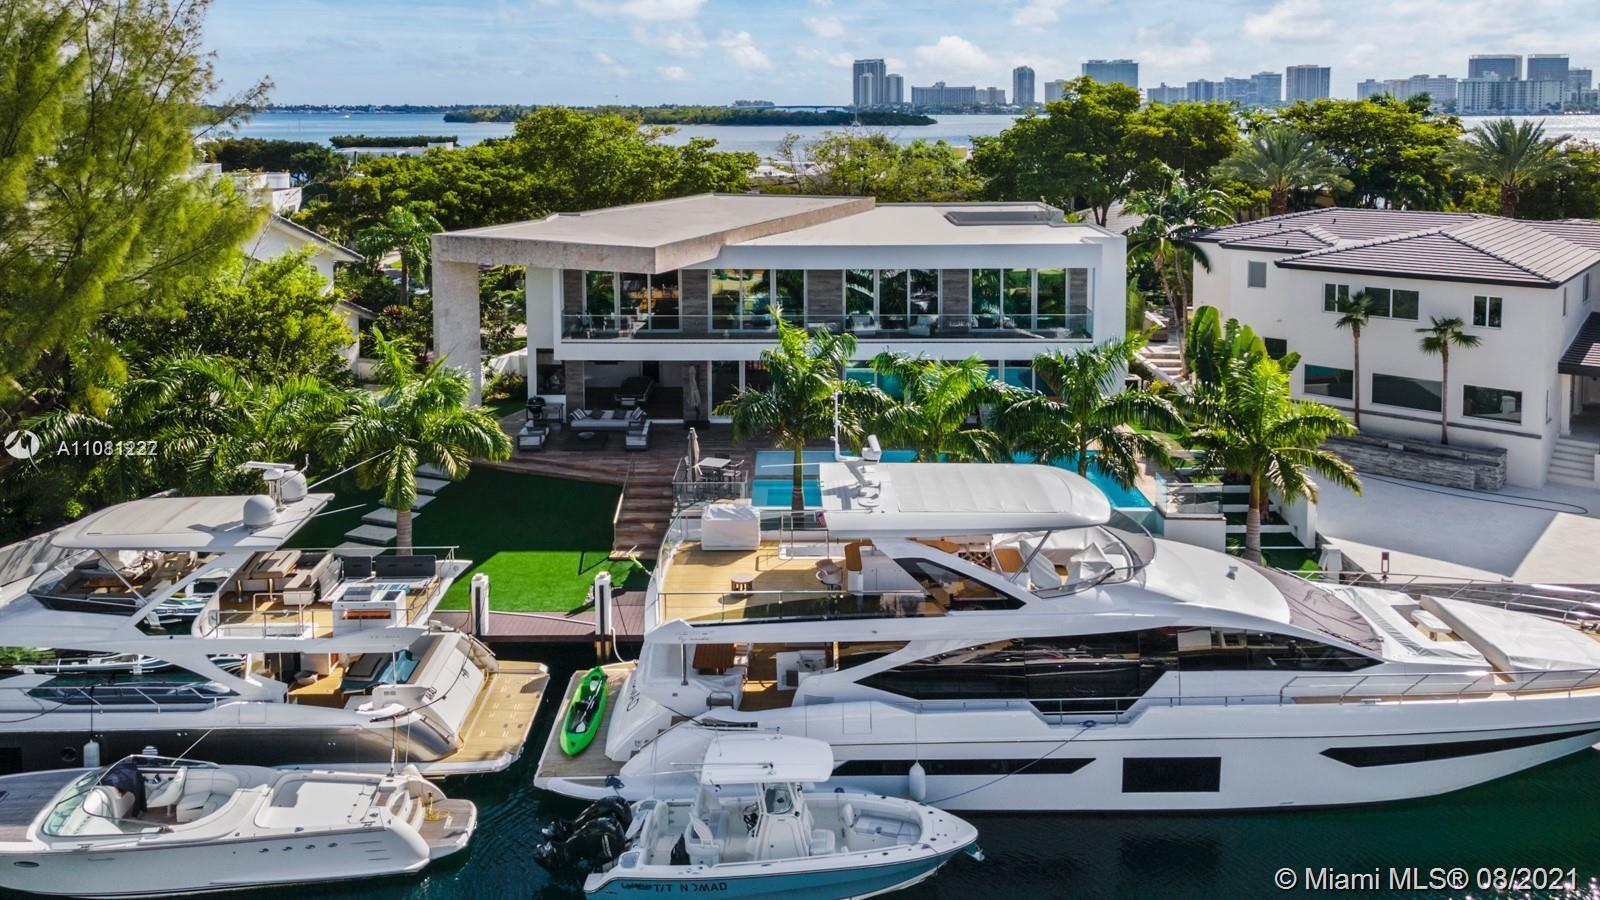 13250 Biscayne Bay Dr Luxury Real Estate